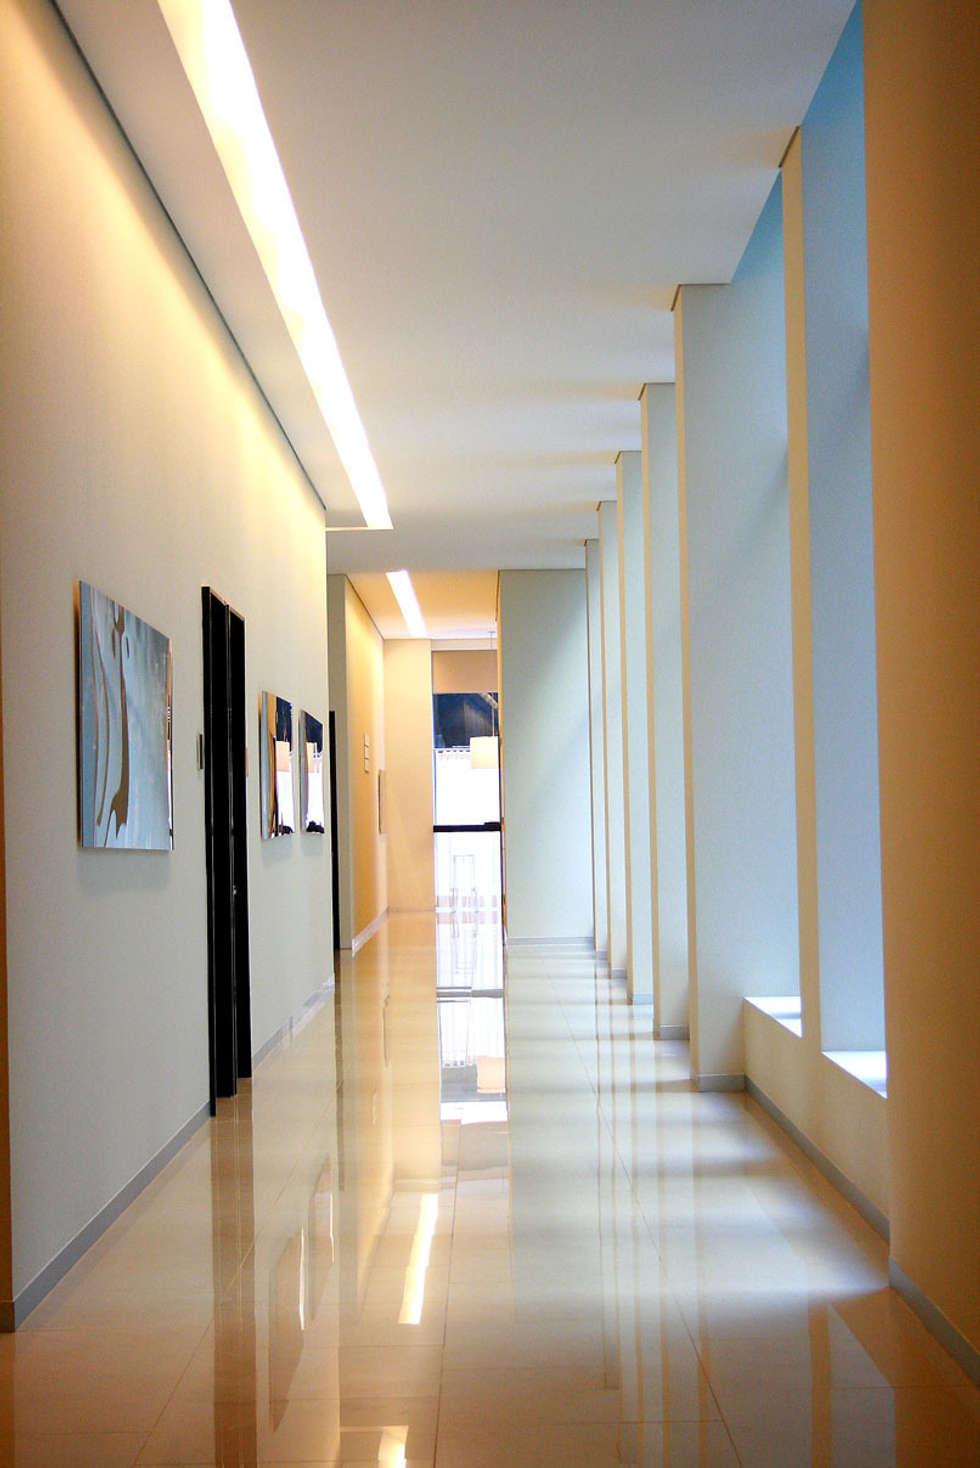 Puerta Alameda: Pasillos y recibidores de estilo  por Serrano Monjaraz Arquitectos